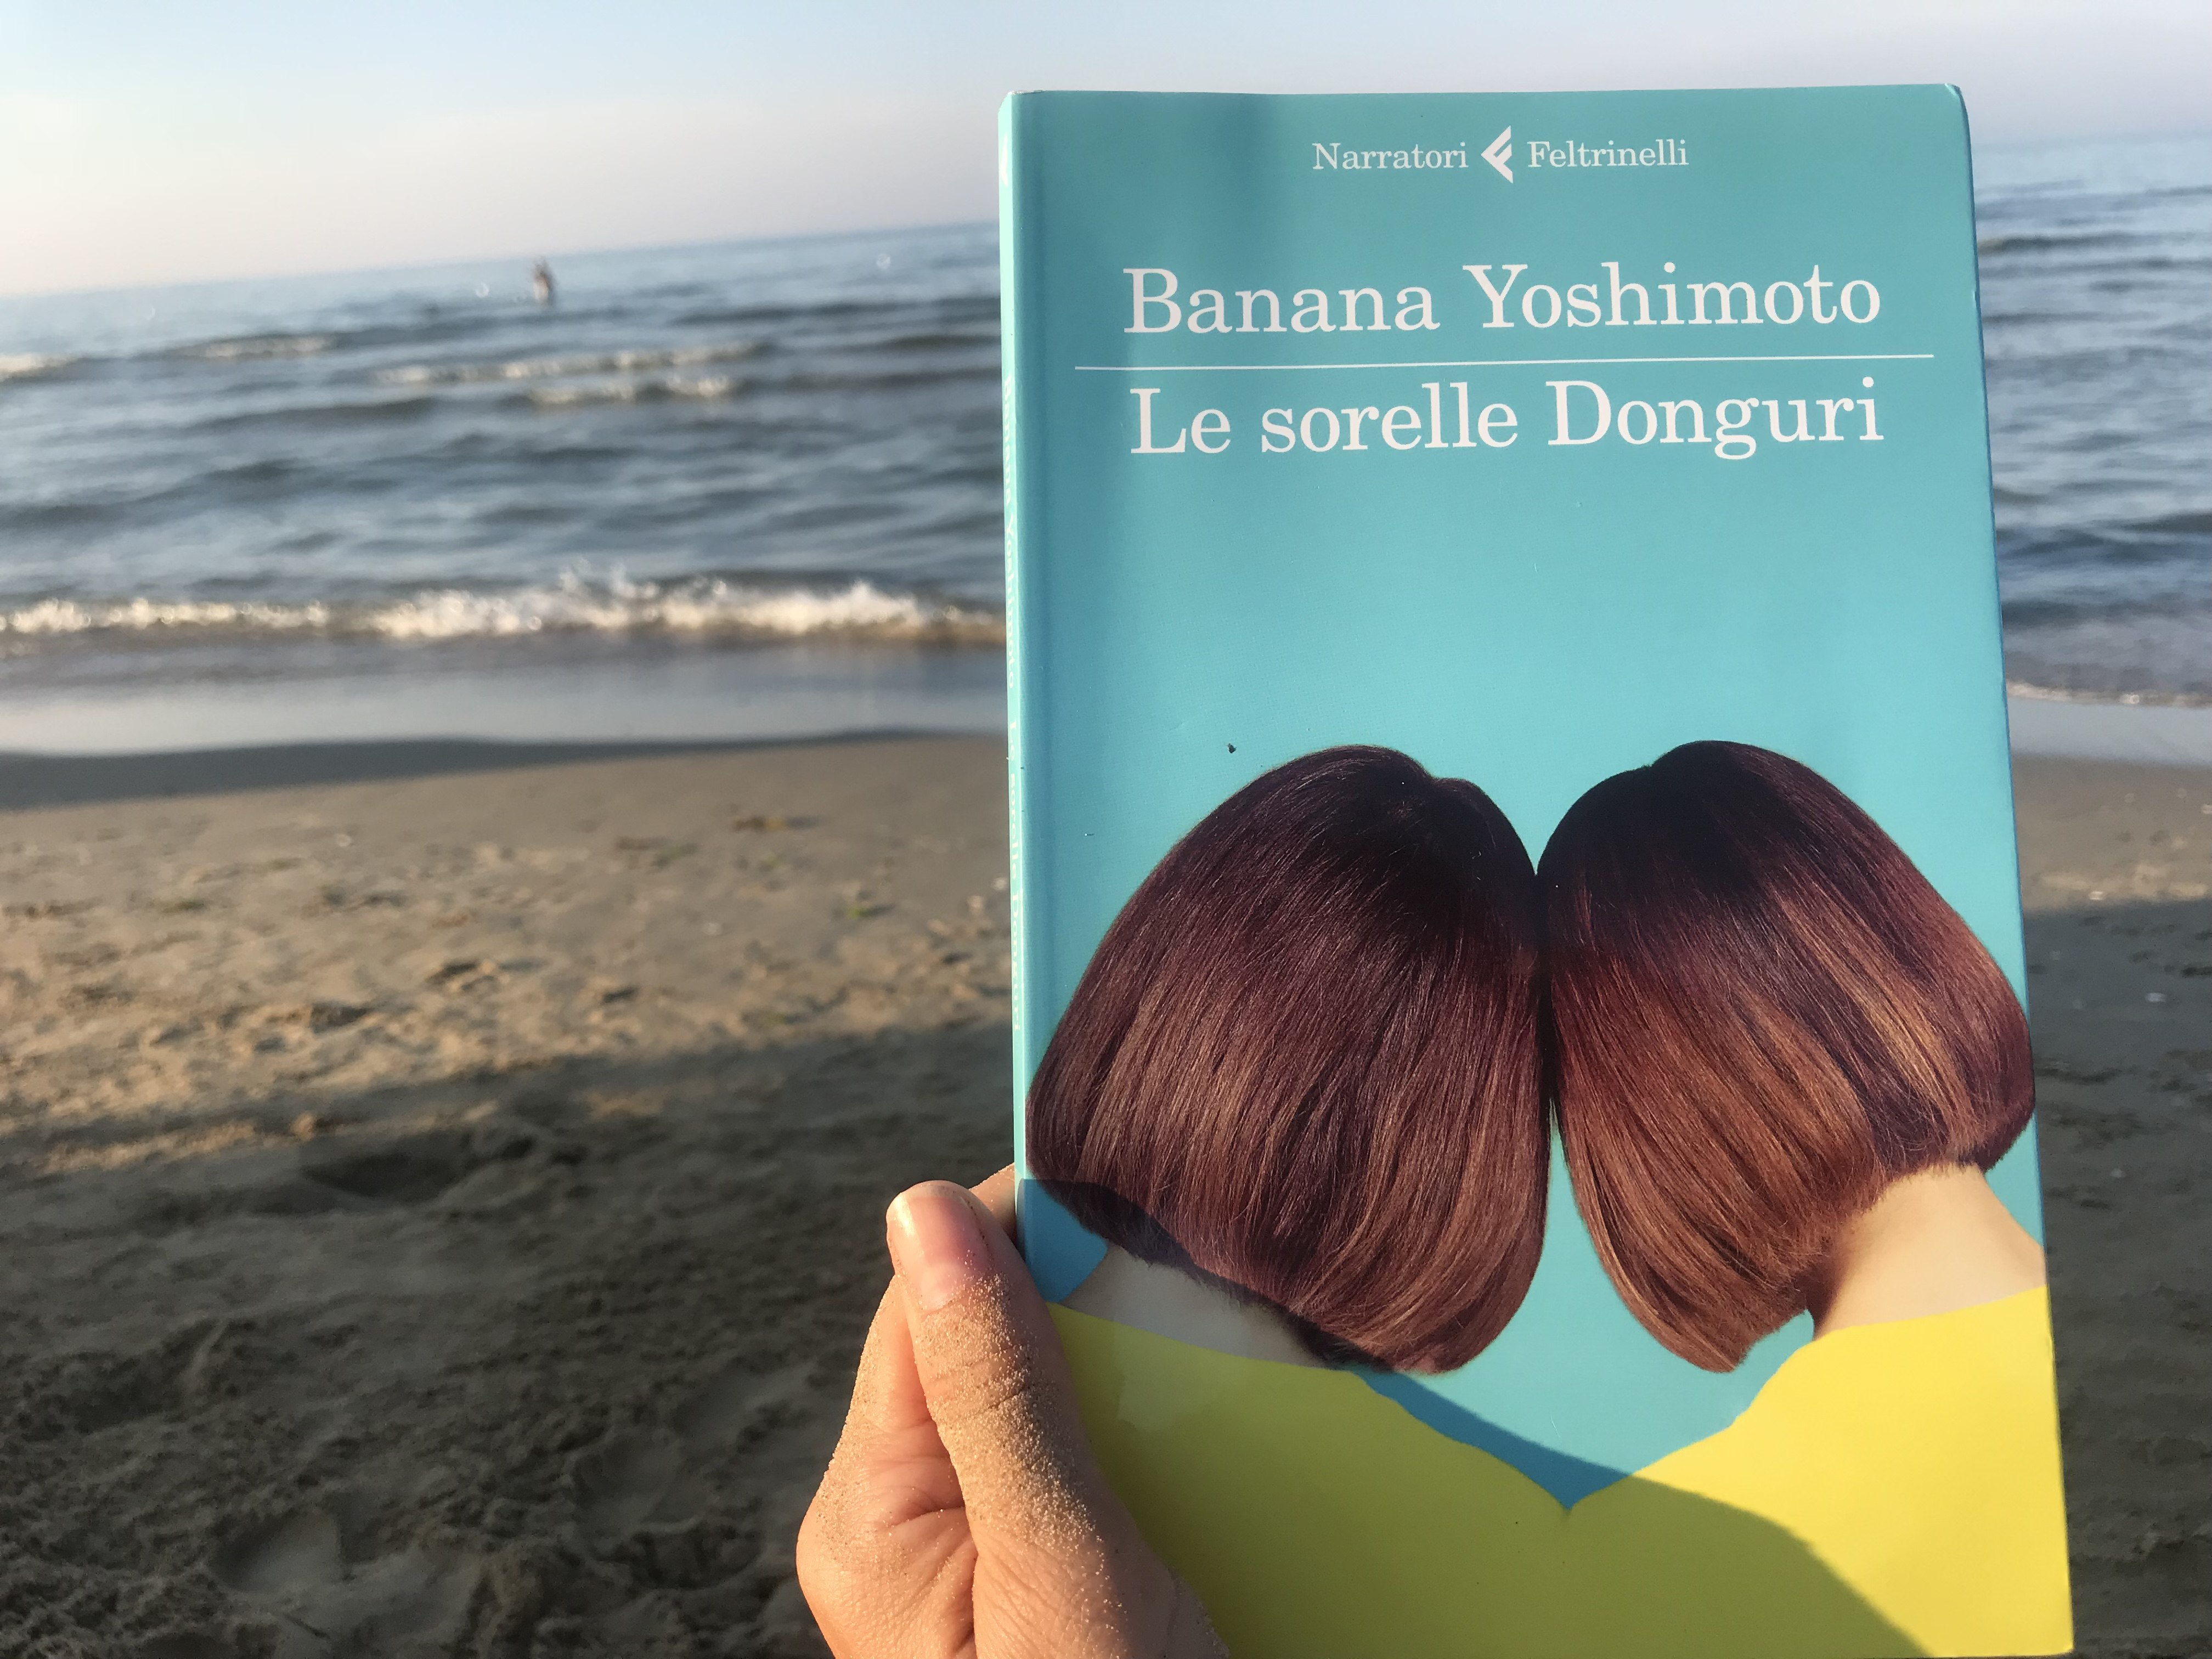 Libri per l'estate. Le sorelle Donguri, di Banana Yoshimoto.